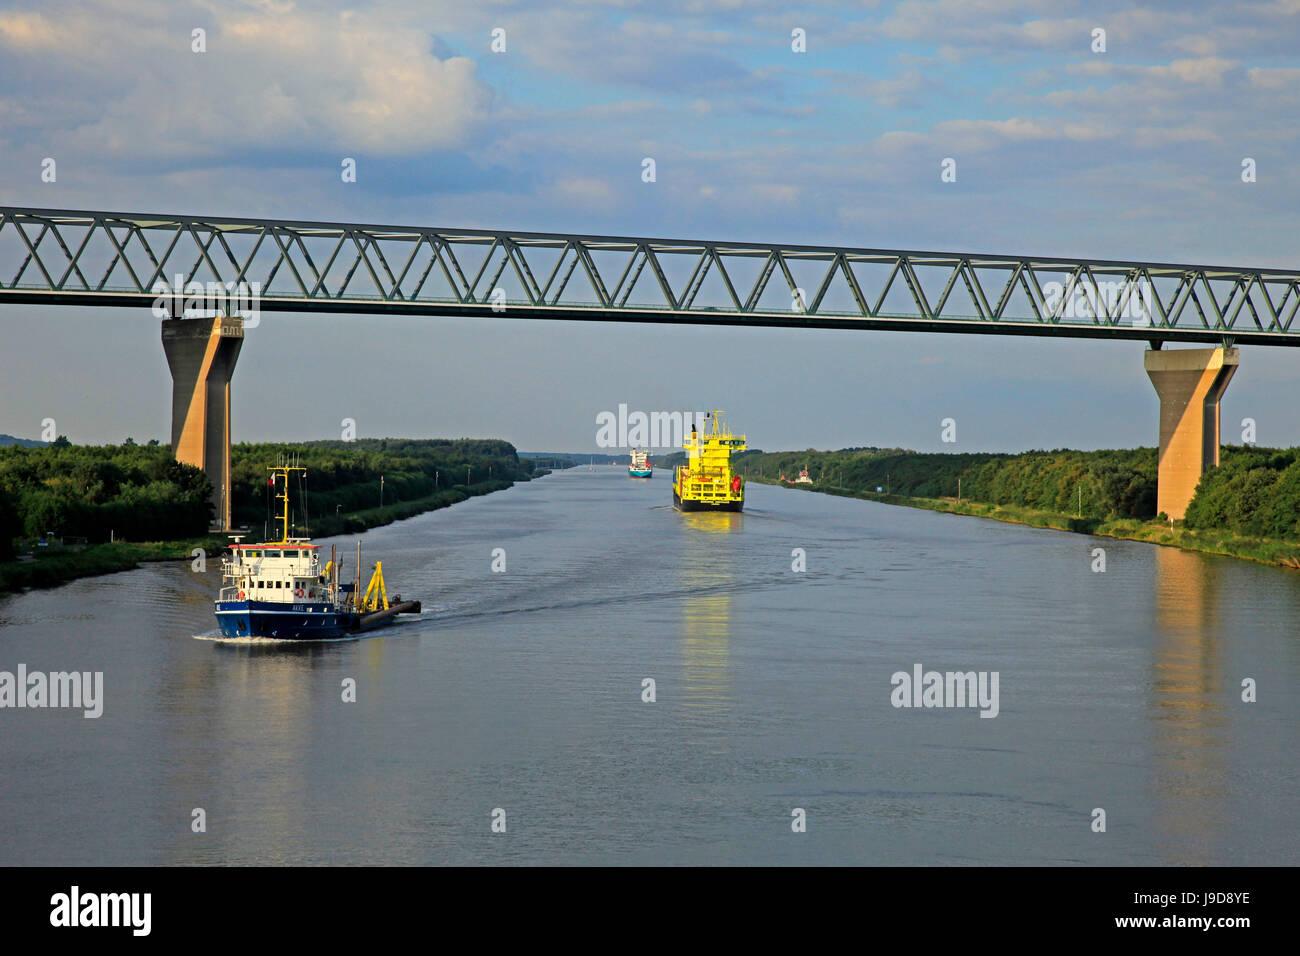 Vessels on Kiel Canal near Brunsbuttel, Schleswig-Holstein, Germany, Europe - Stock Image